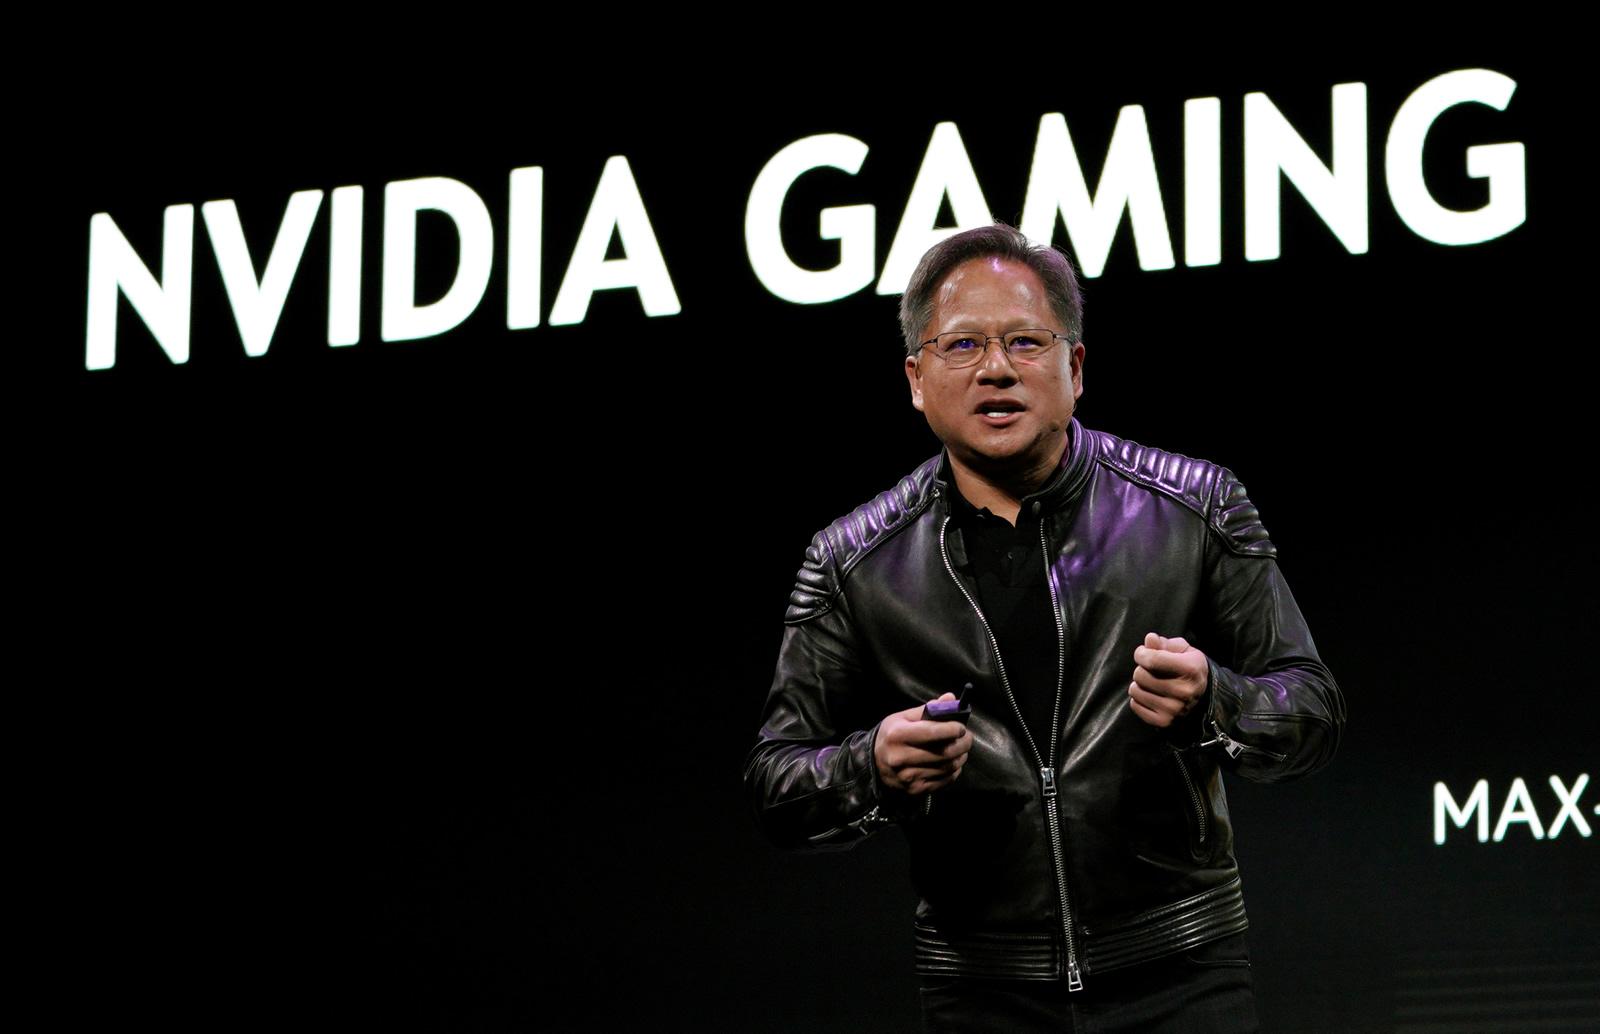 Nvidia Gaming